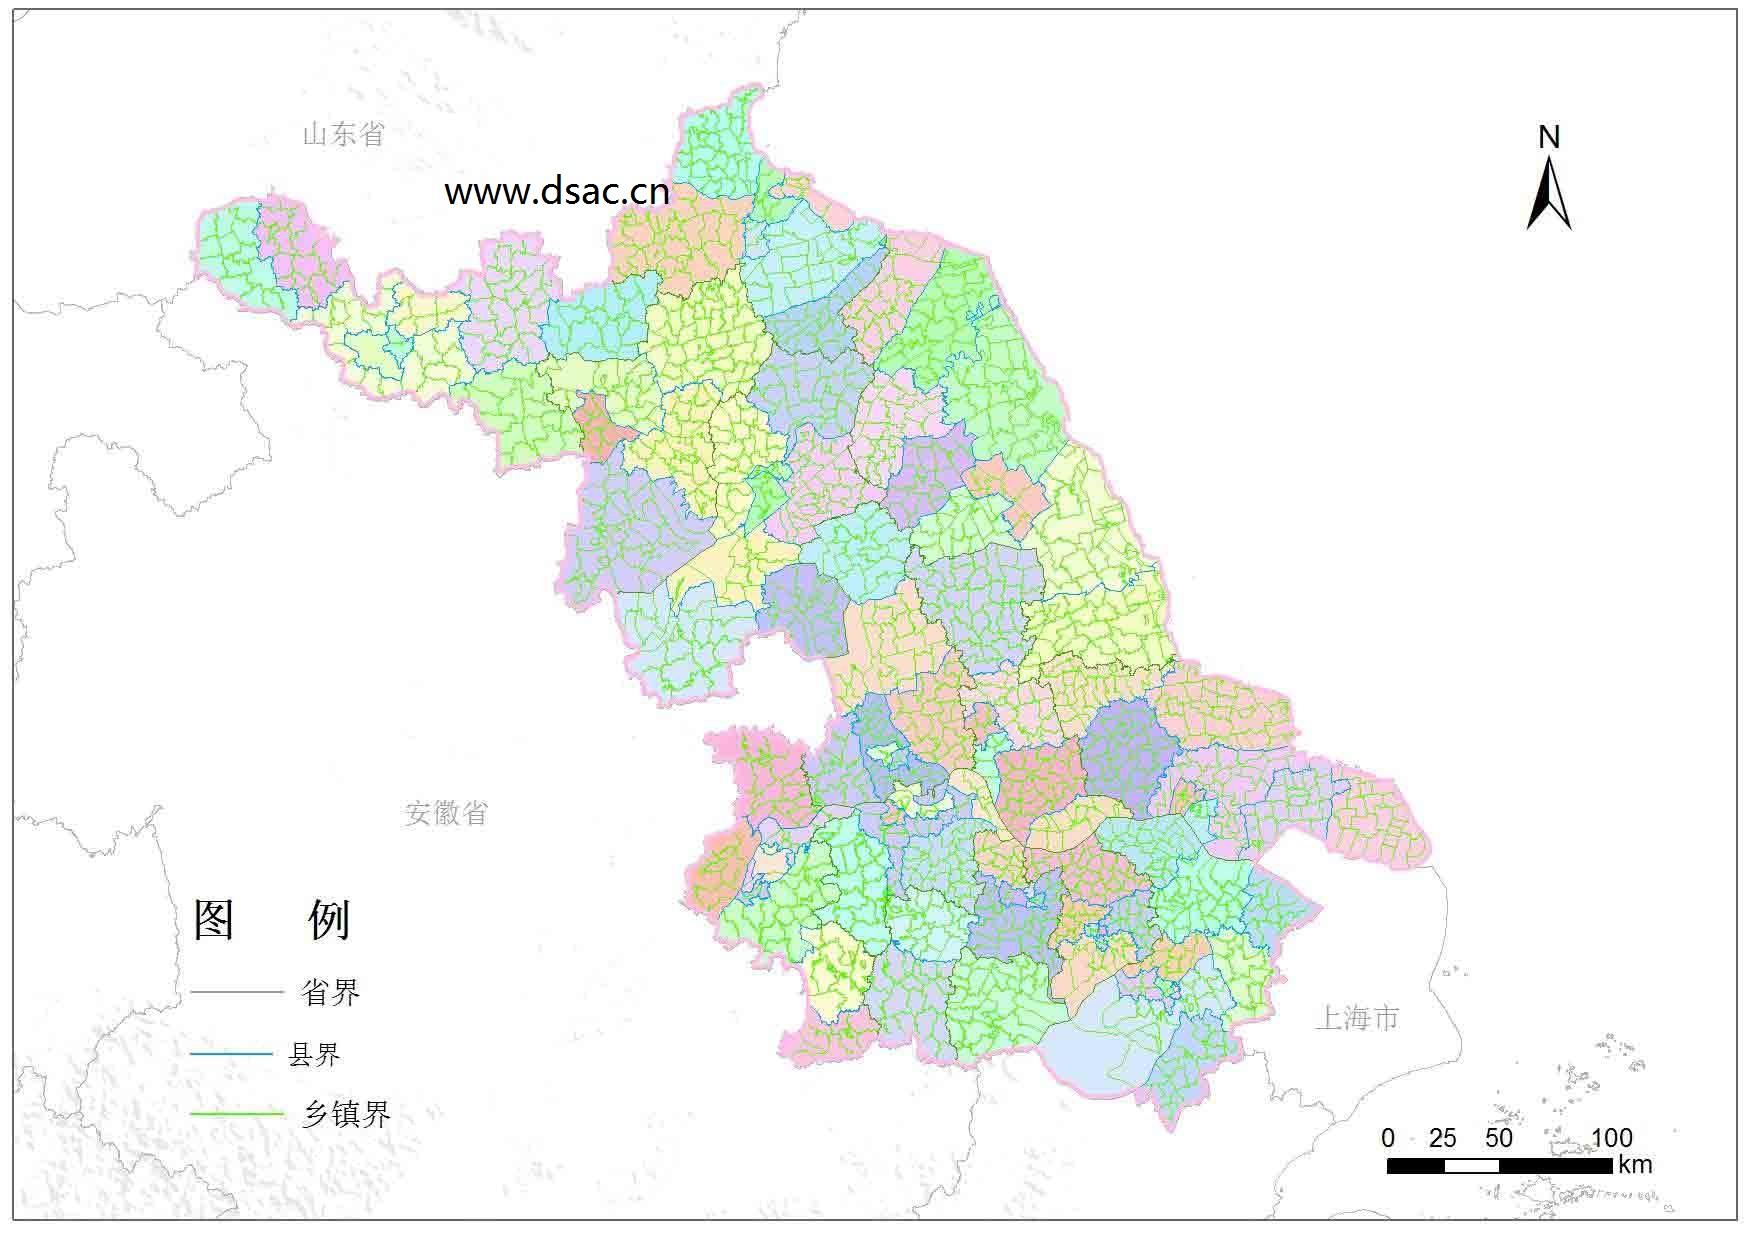 看最新江苏省乡镇行政区划有哪些变化?-搜狐